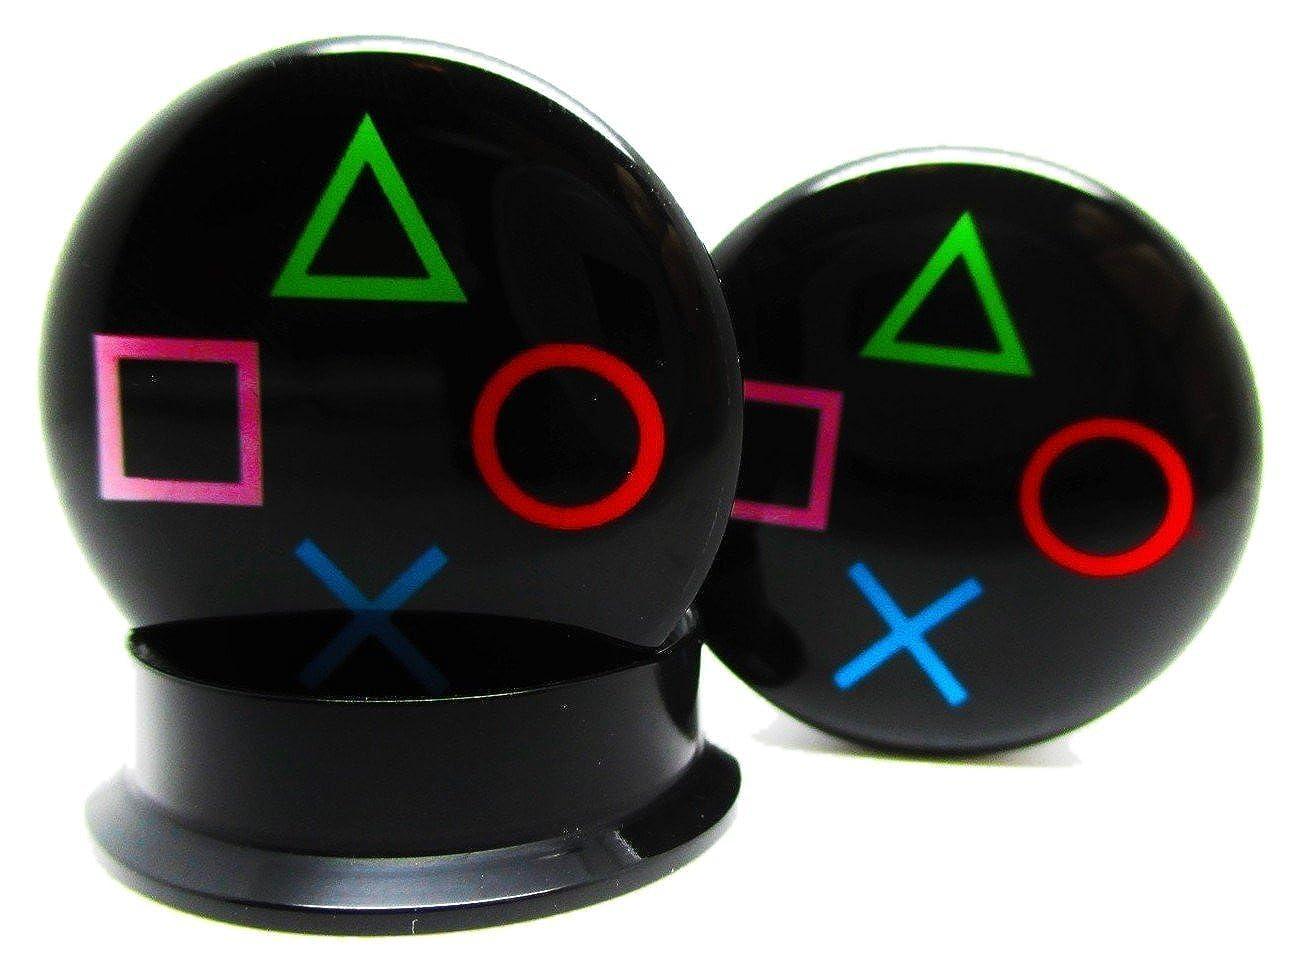 Screw on NEWPair Acrylic Pierced Republic Playstation Controller Ear Plugs